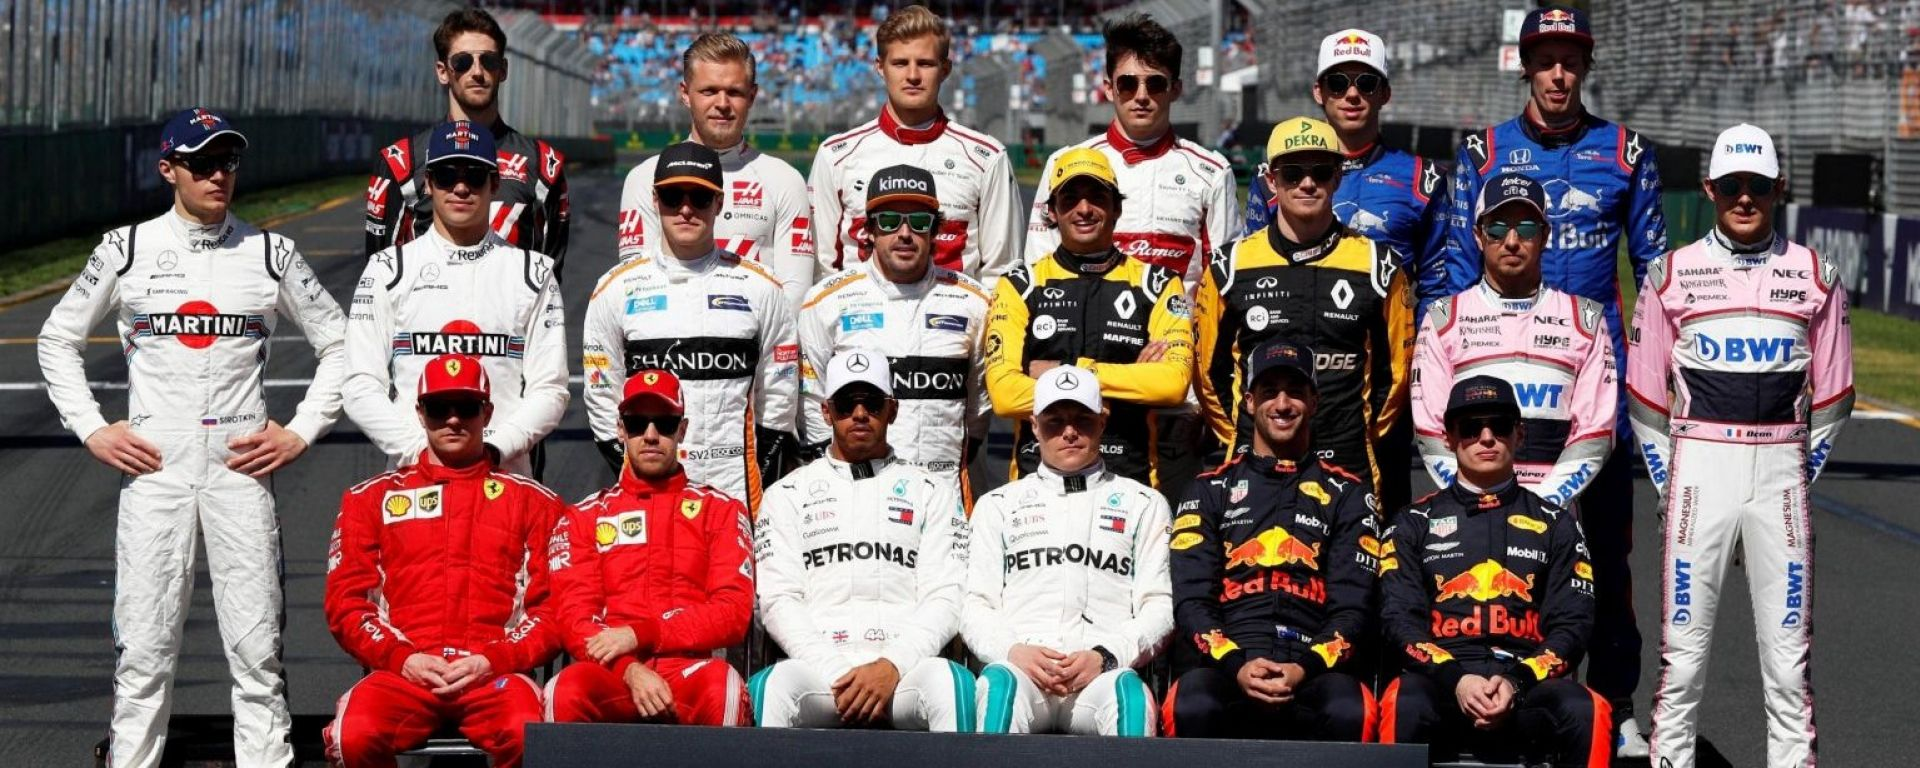 Tutti i numeri del campionato mondiale di Formula 1 2018